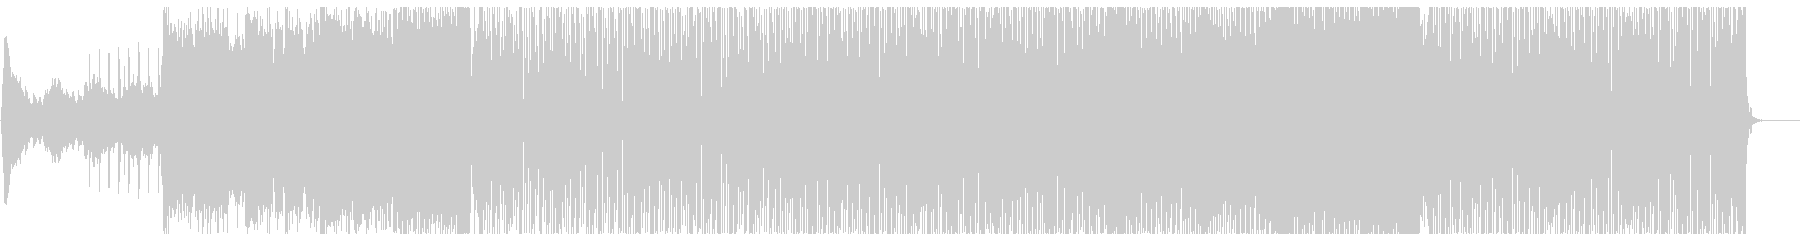 楽しい気分のフューチャーハウス フル歌の未再生の波形